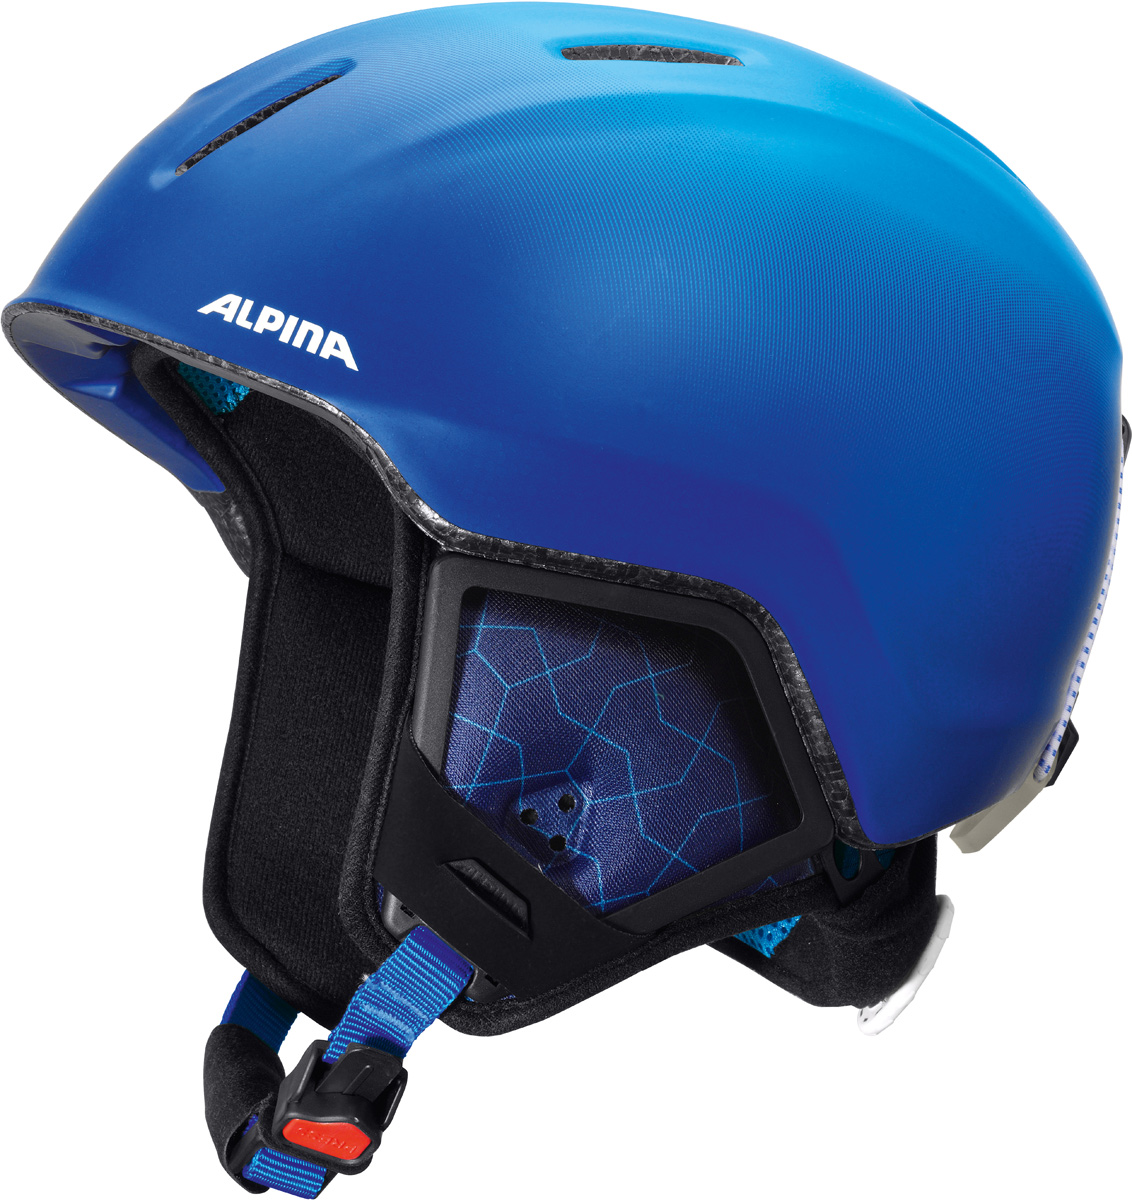 Шлем горнолыжный детский Alpina Carat XT, цвет: синий. A9080_81. Размер 51-55A9080_81Модификация популярнейшего детского горнолыжного шлема Carat с мягкими ушками, которые обеспечивают хорошую вентиляцию и не мешают слуху.Вентиляционные отверстия препятствуют перегреву и позволяют поддерживать идеальную температуру внутри шлема. Для этого инженеры Alpina используют эффект Вентури, чтобы сделать циркуляцию воздуха постоянной и максимально эффективной.Внутренник шлема легко вынимается, стирается, сушится и вставляется обратно.Из задней части шлема можно достать шейный утеплитель из мягкого микро-флиса. Этот теплый воротник также защищает шею от ударов на высокой скорости и при сибирских морозах. В удобной конструкции отсутствуют точки давления на шею.Прочная и легкая конструкция In-mold. Тонкая и прочная поликарбонатная оболочка под воздействием высокой температуры и давления буквально сплавляется с гранулами EPS, которые гасят ударную нагрузку.Внутренная оболочка каждого шлема Alpina состоит из гранул HI-EPS (сильно вспененного полистирола). Микроскопические воздушные карманы эффективно поглощают ударную нагрузку и обеспечивают высокую теплоизоляцию. Эта технология позволяет достичь минимальной толщины оболочки. А так как гранулы HI-EPS не впитывают влагу, их защитный эффект не ослабевает со временем.Удобная и точная система регулировки Run System Ergo Snow позволяет быстро и комфортно подогнать шлем по голове, без создания отдельных точек избыточного давления.Y-образный ремнераспределитель двух ремешков находится под ухом и обеспечивает быструю и точную посадку шлема на голове.Вместо фастекса на ремешке используется красная кнопка с автоматическим запирающим механизмом, которую легко использовать даже в лыжных перчатках. Механизм защищён от произвольного раскрытия при падении.